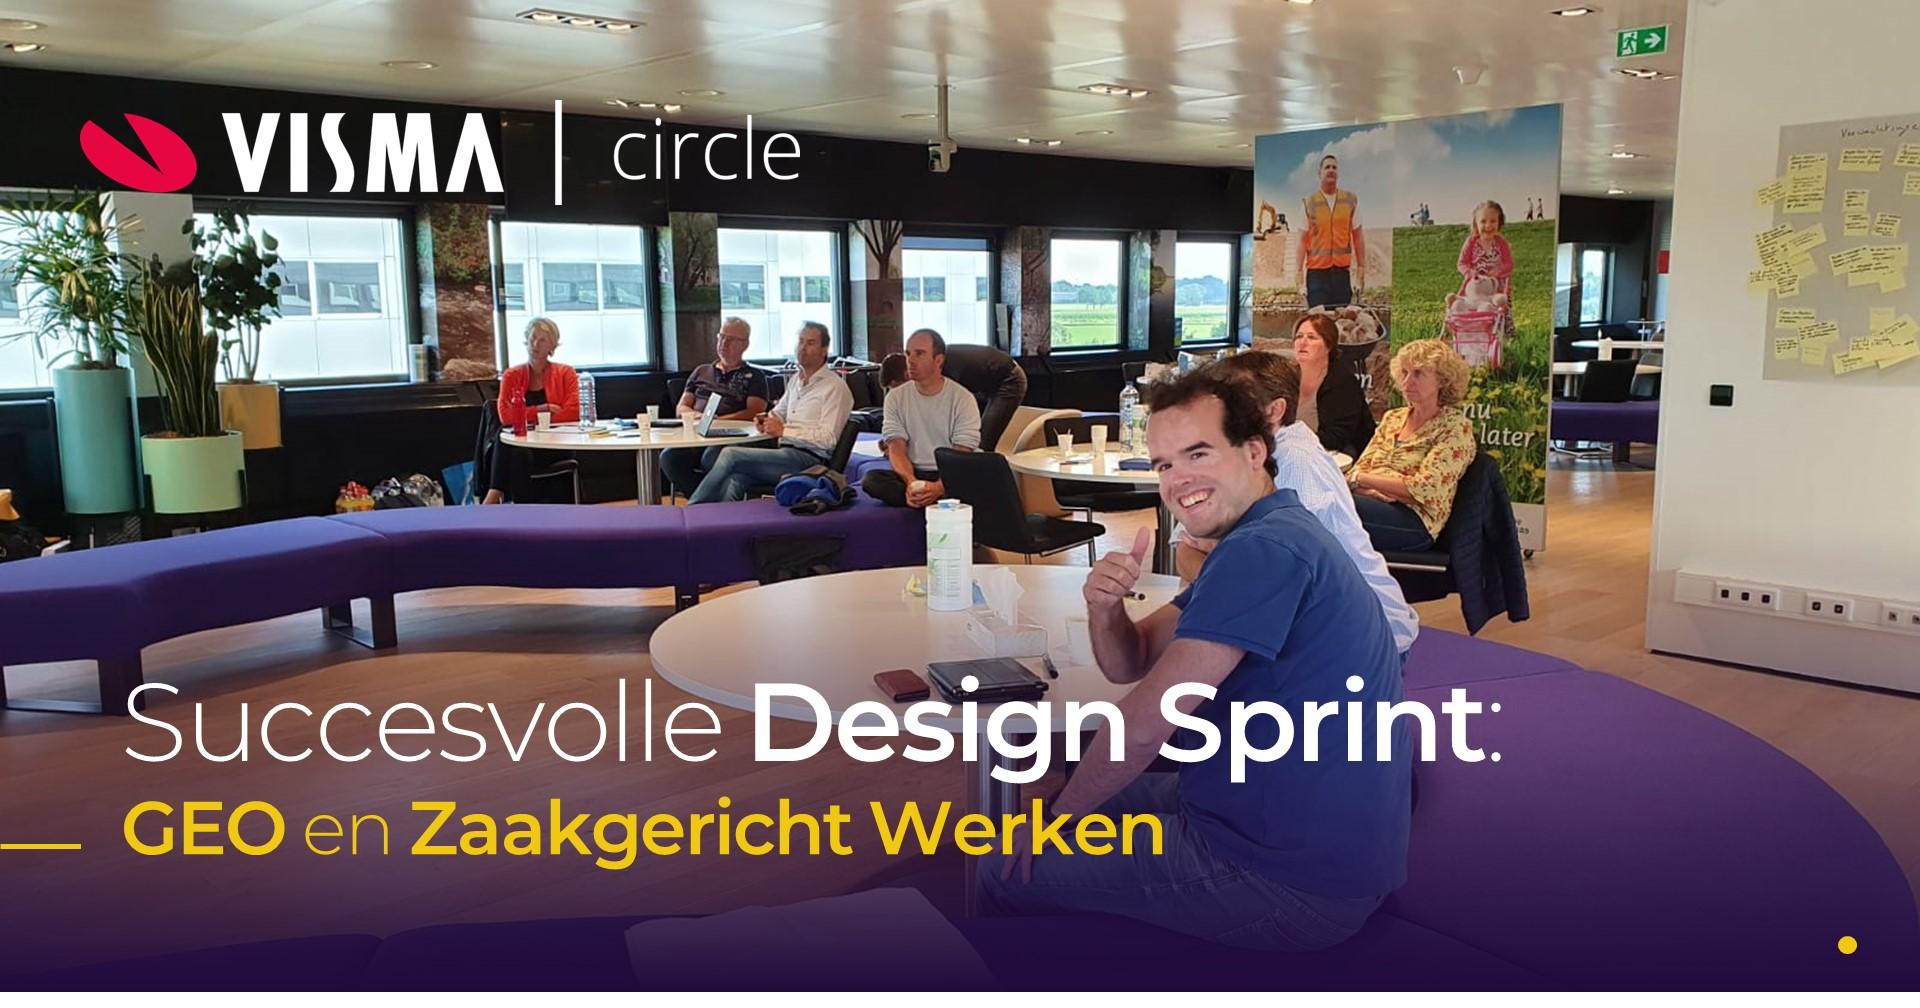 Succesvolle Design Sprint GEO en zaakgericht Werken